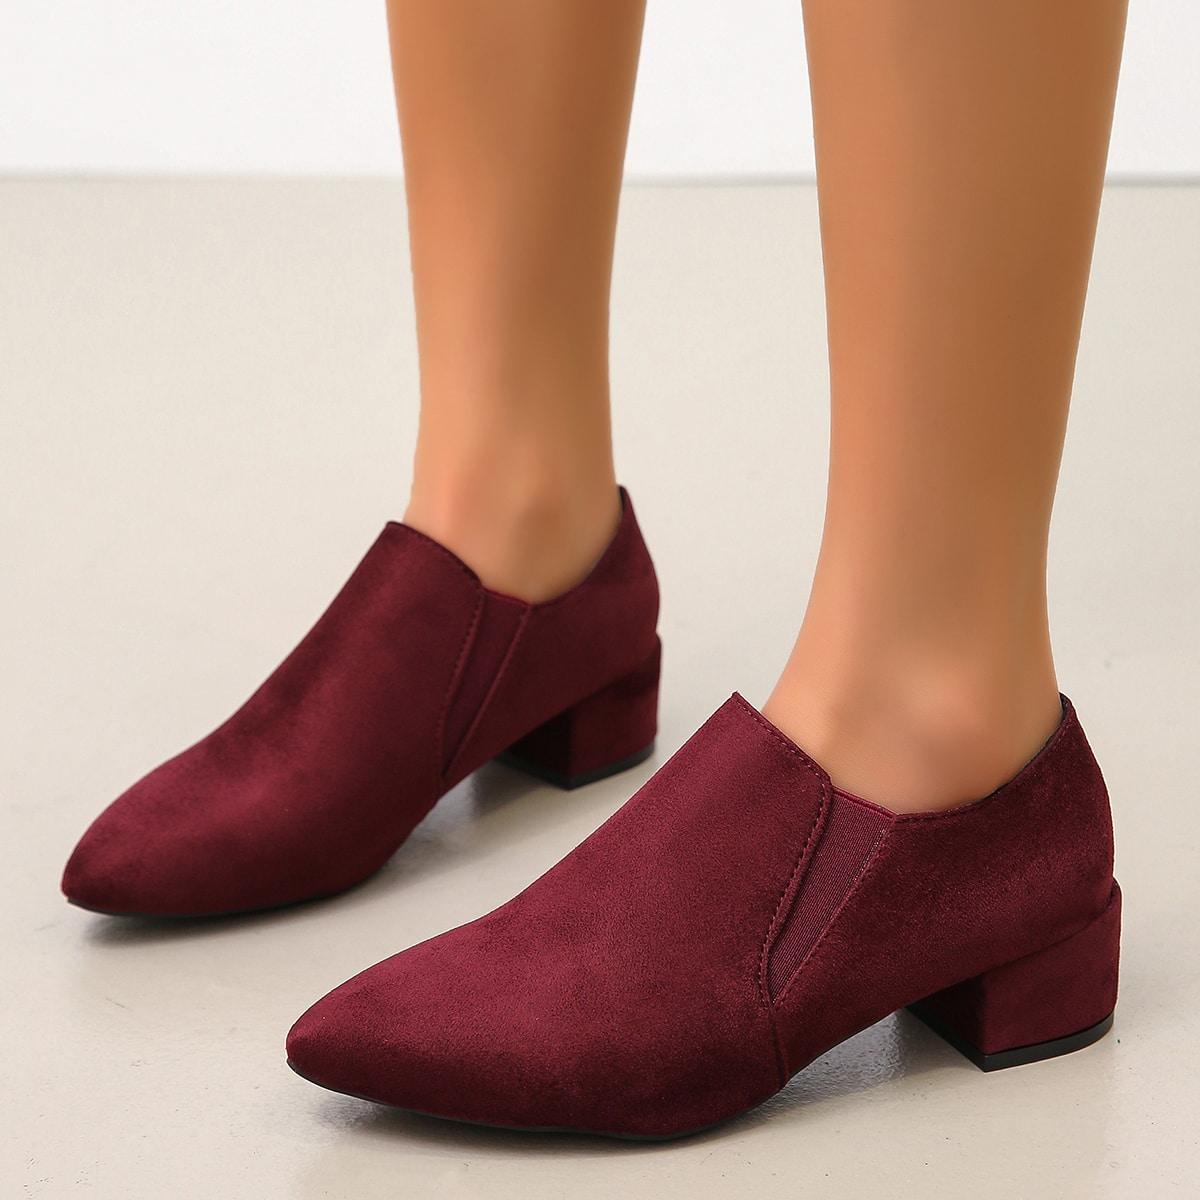 Остроконечные замшевые туфли-лодочки на низком каблуке от SHEIN